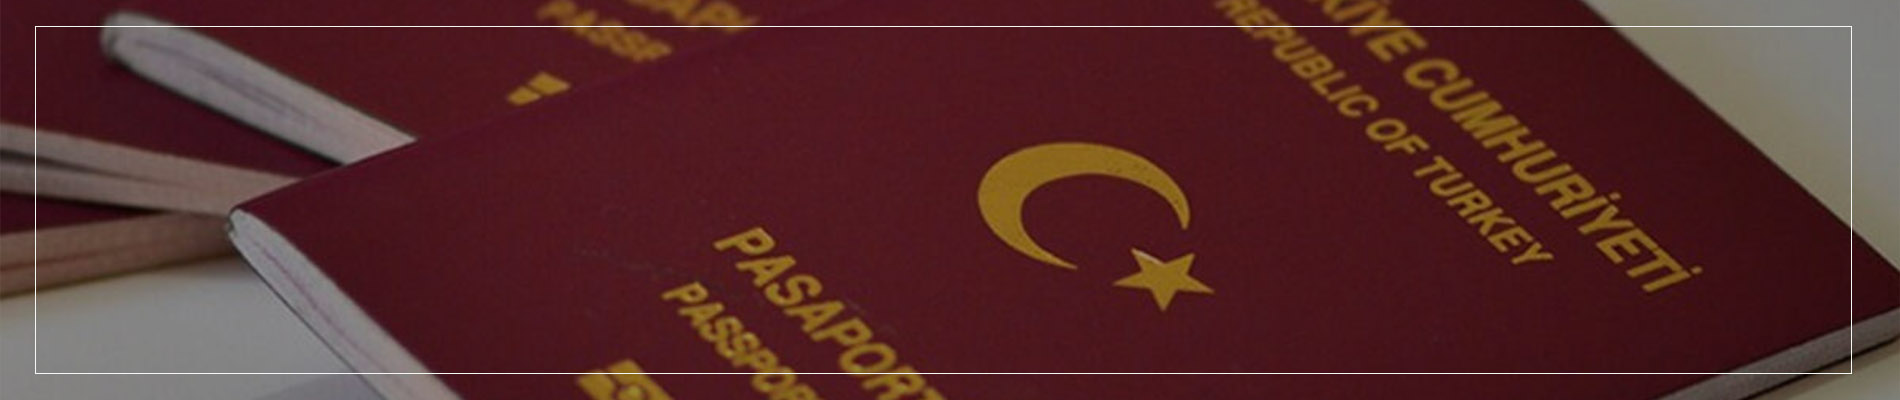 turkish citizenship FAQ